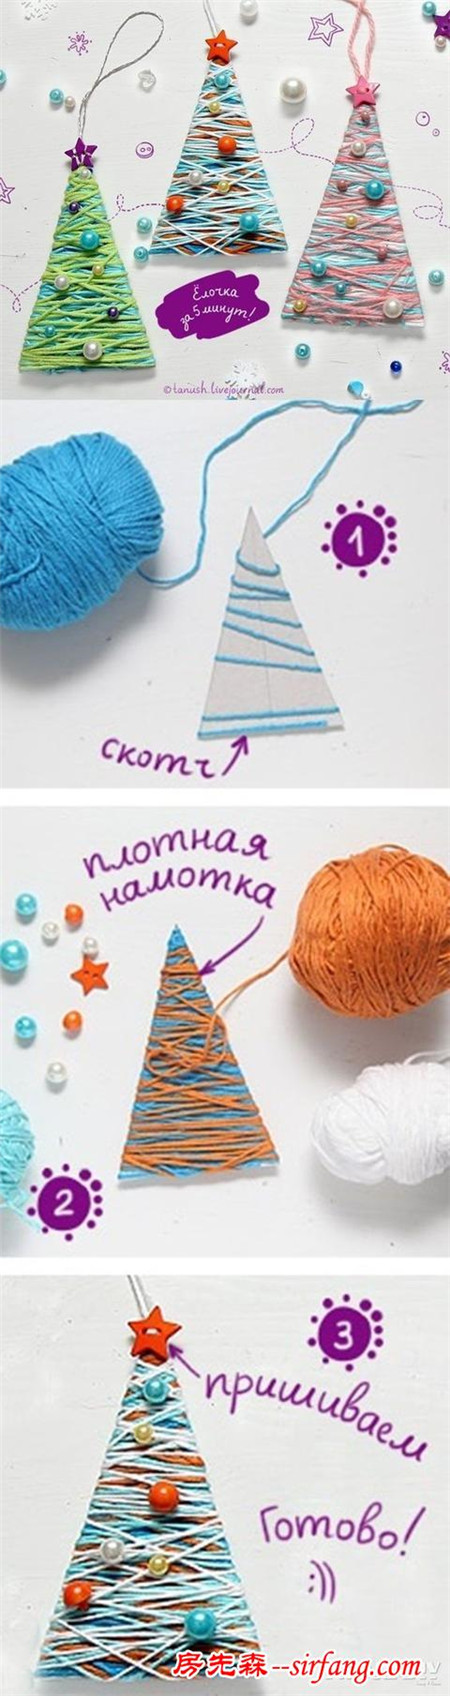 幼儿园之圣诞节手工,用纸,冰棍棒,卷纸筒做的圣诞树简单又好看